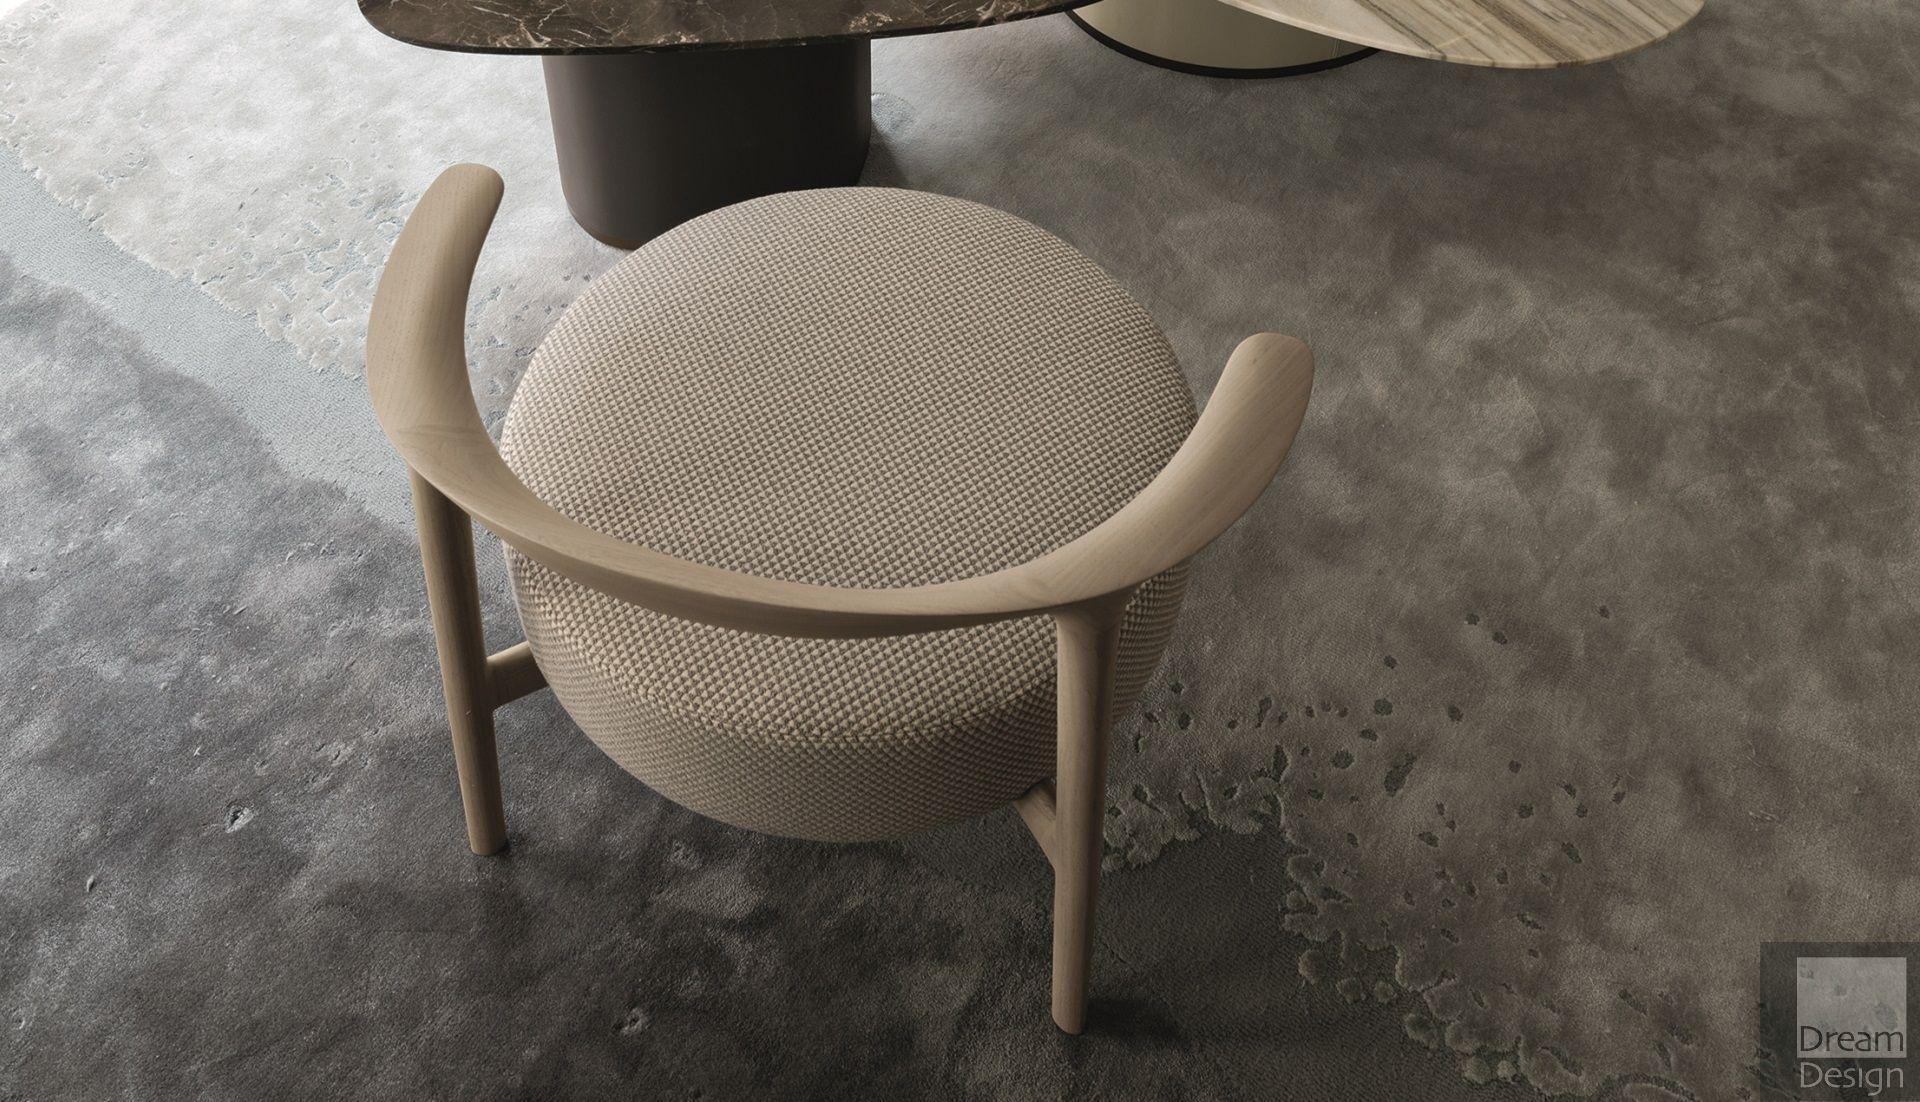 Ripple Armchair Armchair, Upholstery